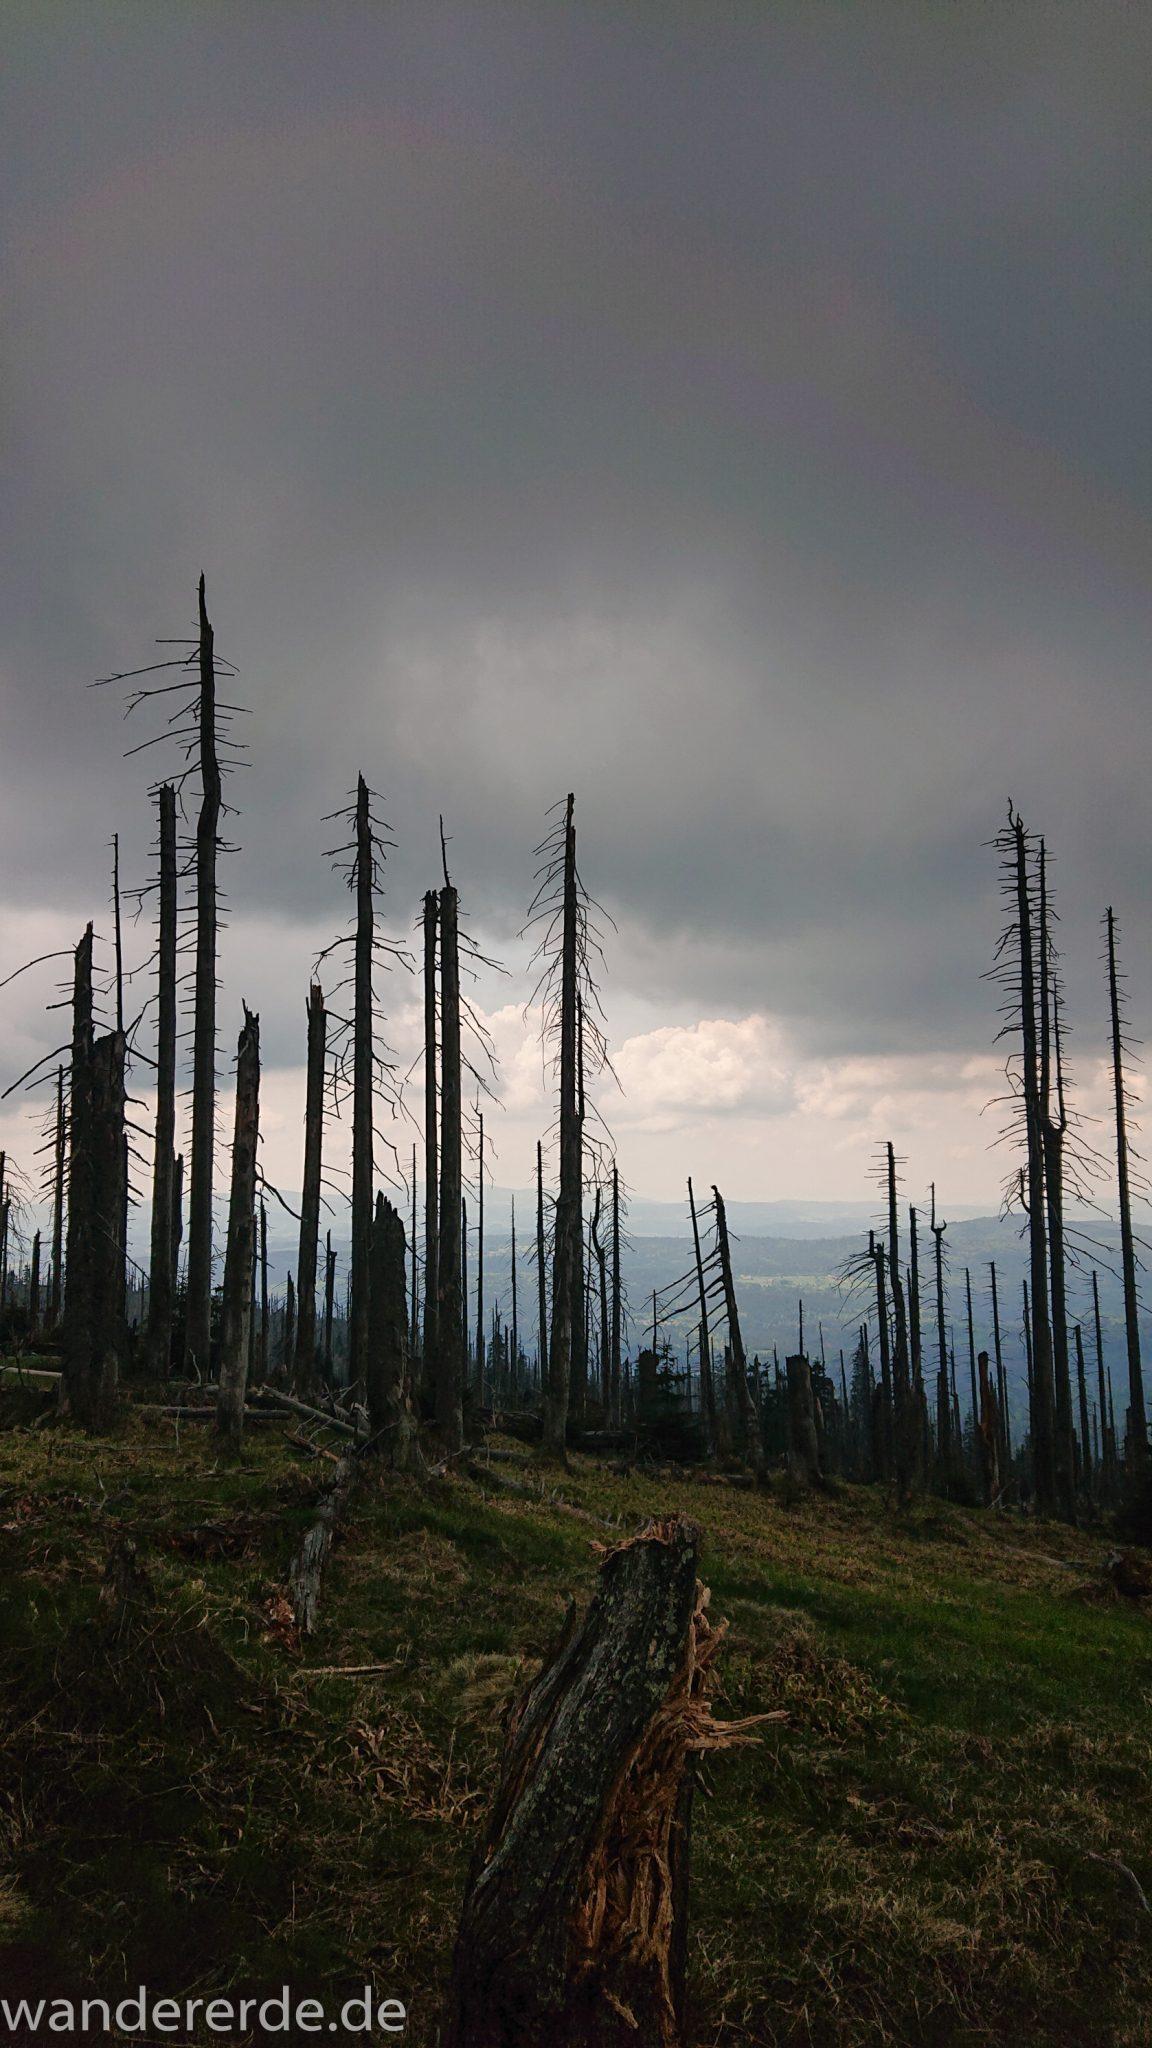 Wanderung Großer Rachel im Nationalpark Bayerischer Wald, Start Parkplatz Oberfrauenau, abwechslungsreicher Wanderweg, Zerstörung einiger Waldgebiete durch den Borkenkäfer, umgefallene Bäume werden liegen gelassen im Nationalpark, Natur wird sich selbst überlassen